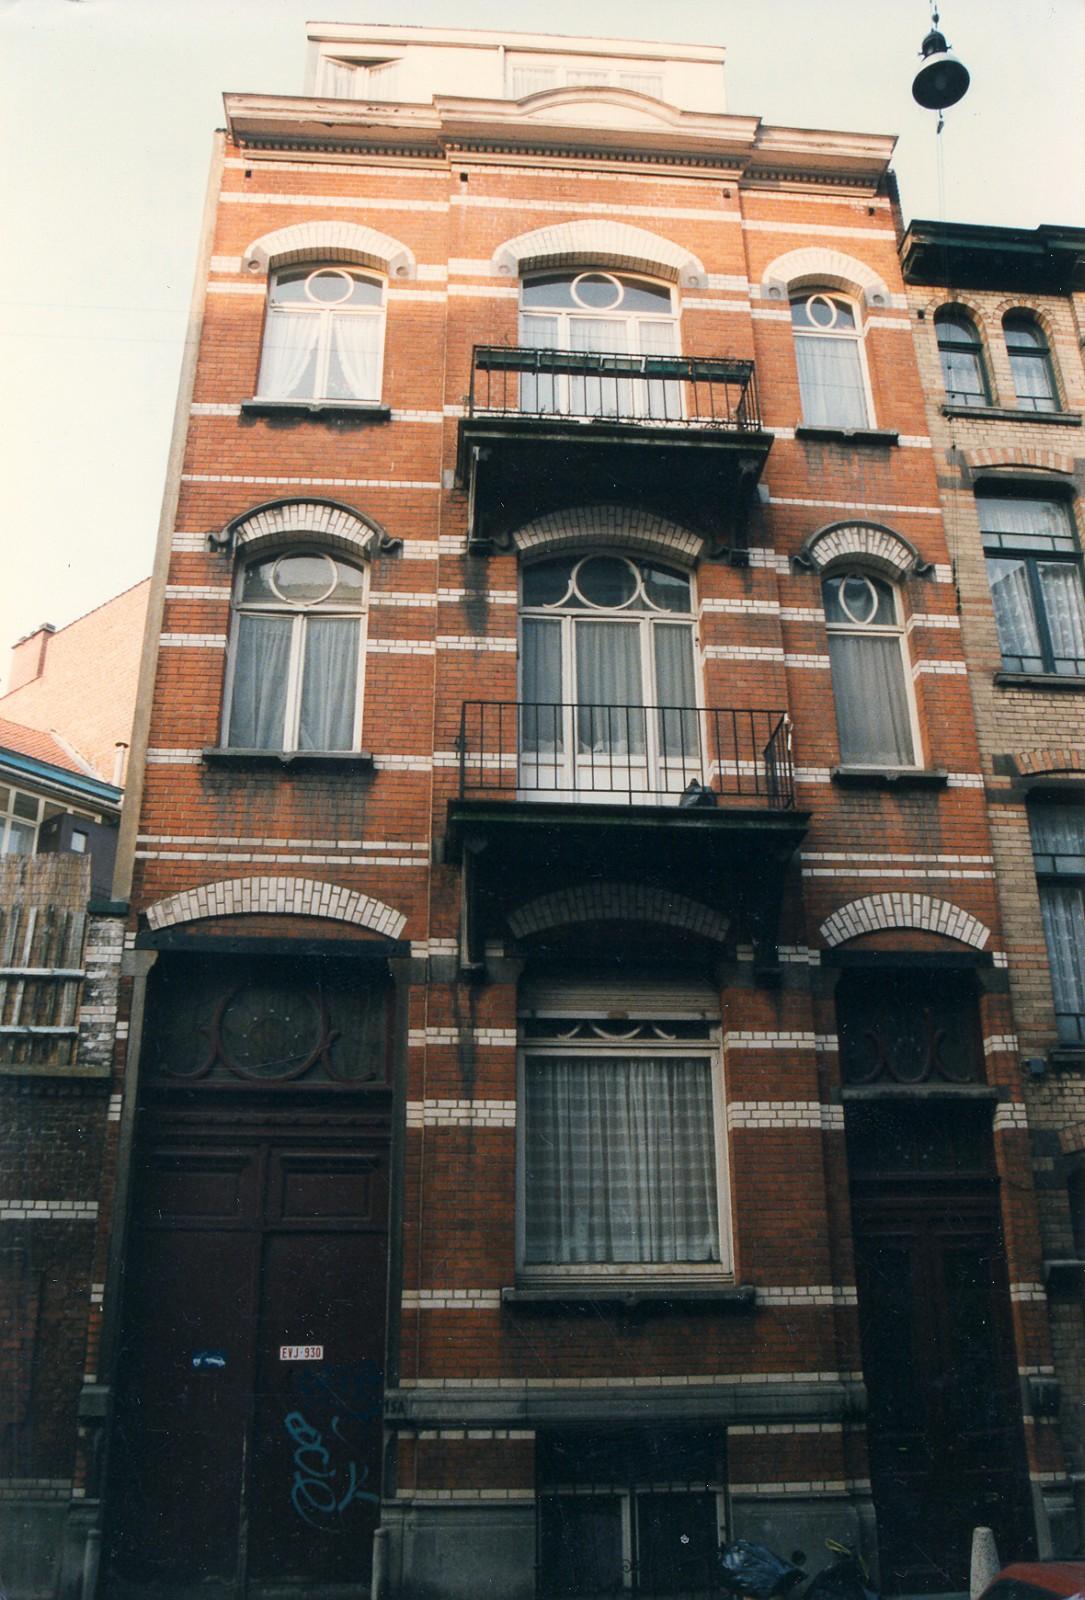 Eugène Verheggenstraat 15., 1996